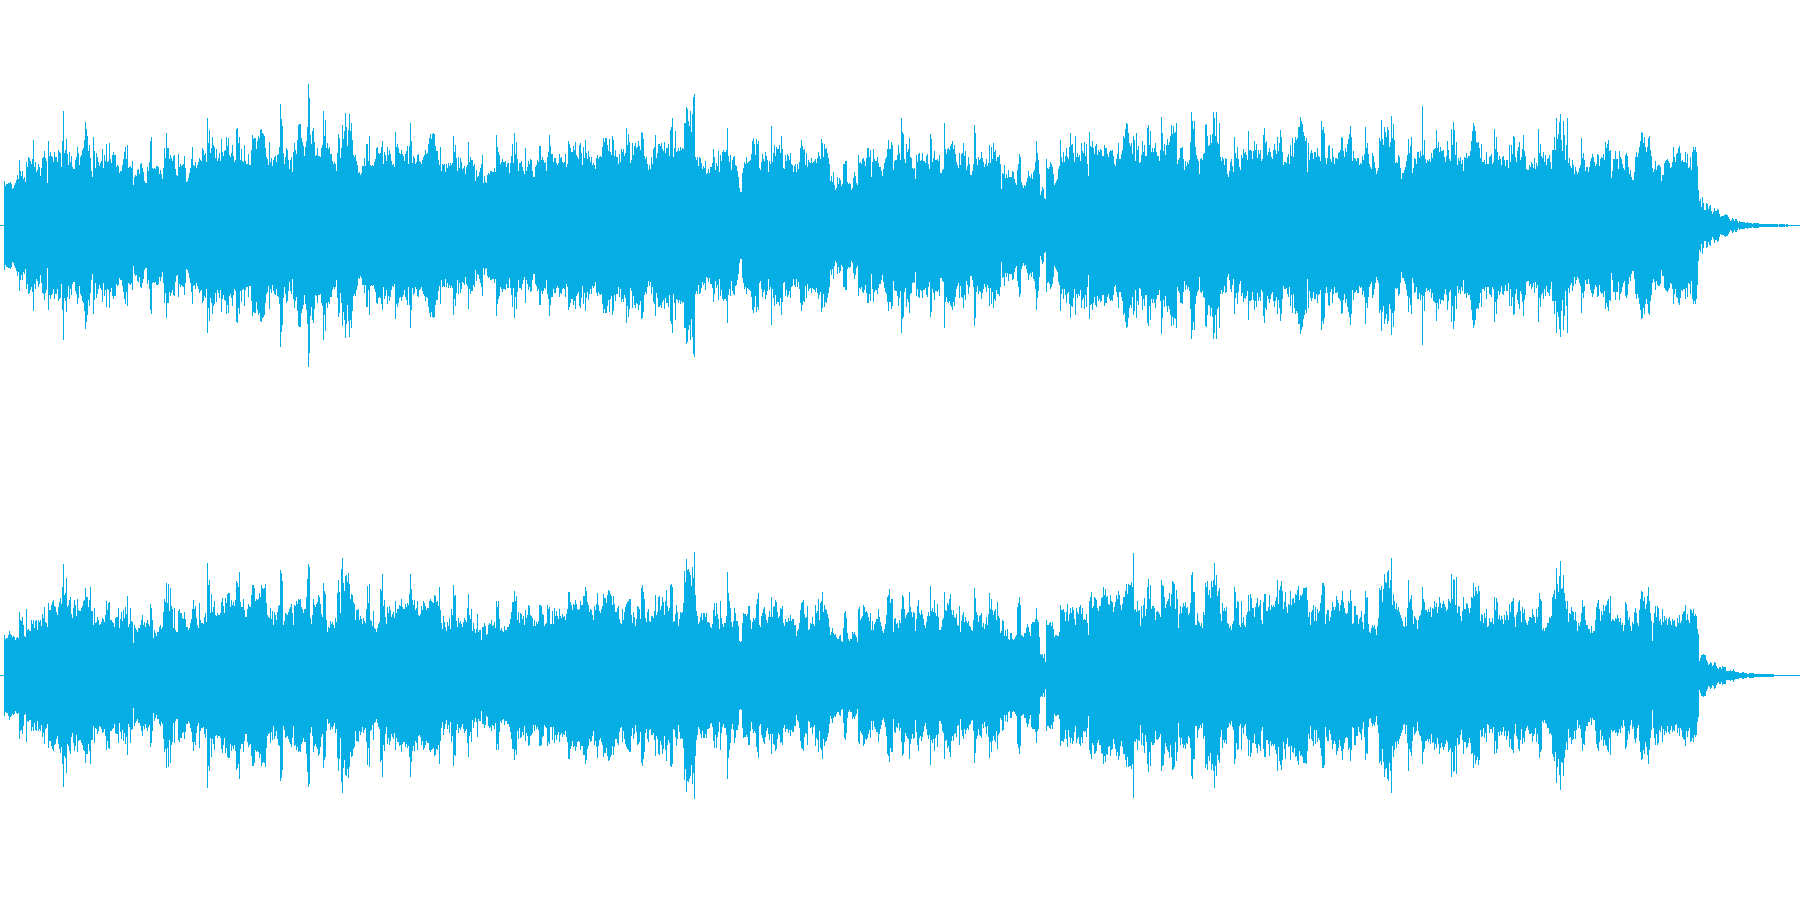 オルガンの物悲しい雰囲気のジングルの再生済みの波形